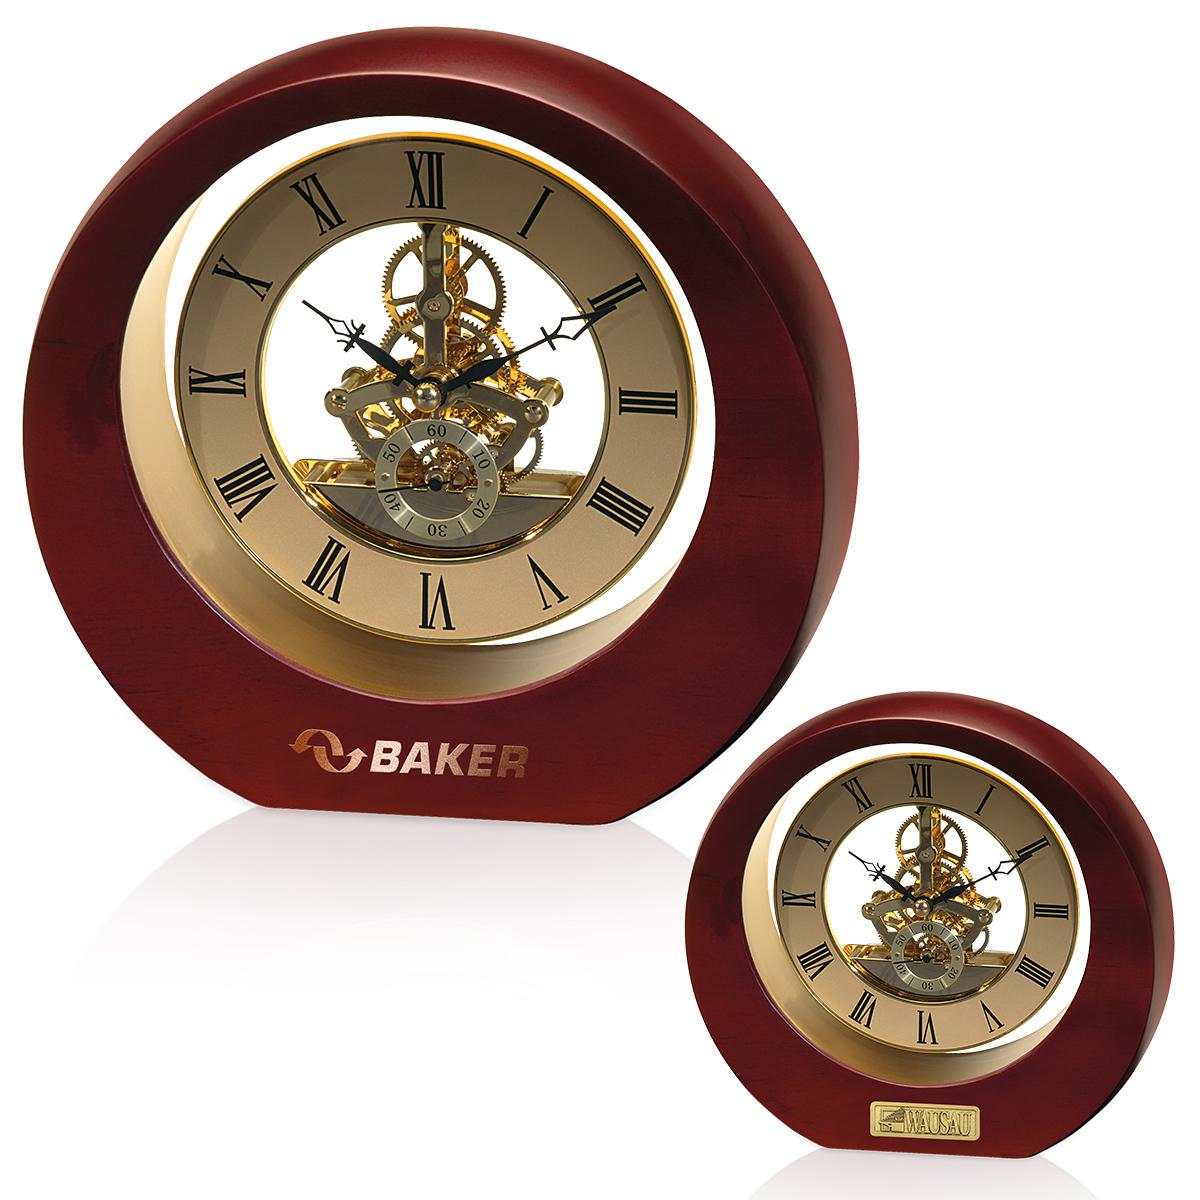 Jaffa Solstice Clock, #36272, Deep Etched